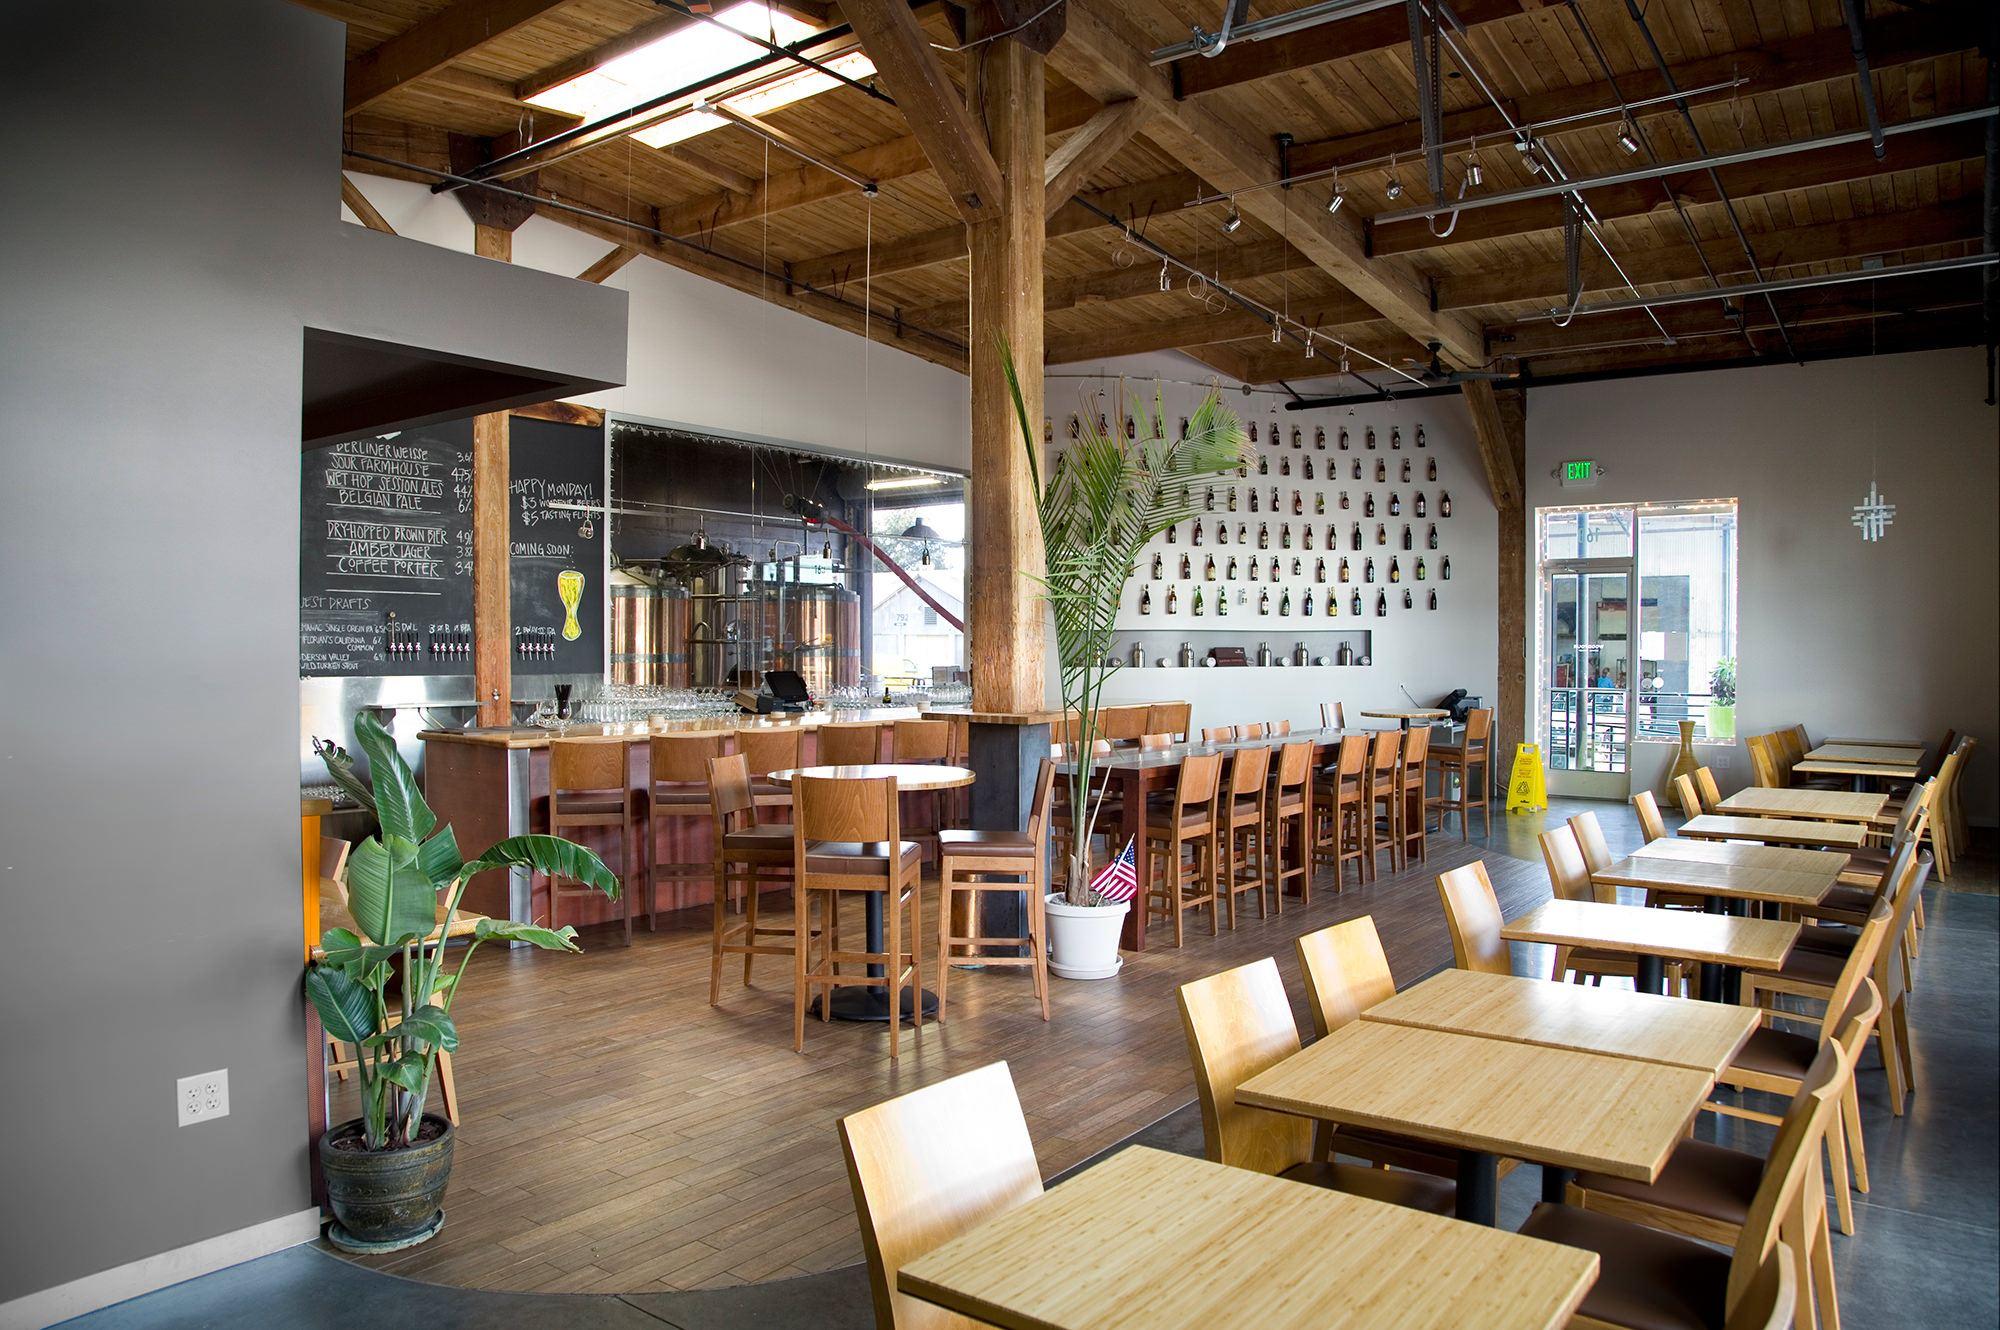 Brewery tasting room